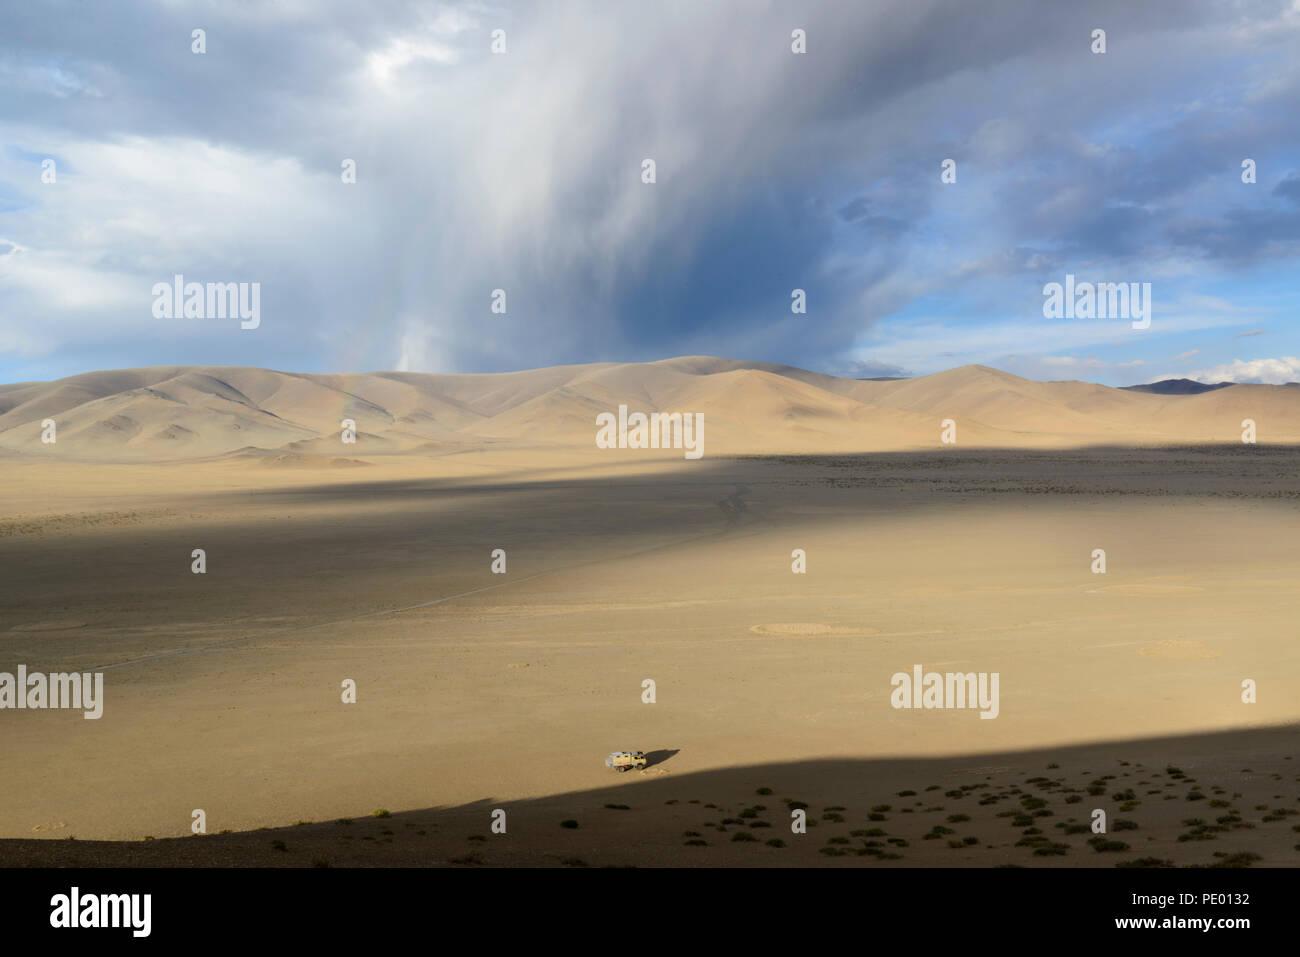 Gewitterwolken und starten Rainbow auf einer trockenen Gegend der Provinz Bayan-Ólgii in der Mongolei. Overlander Truck im Vordergrund Stockbild